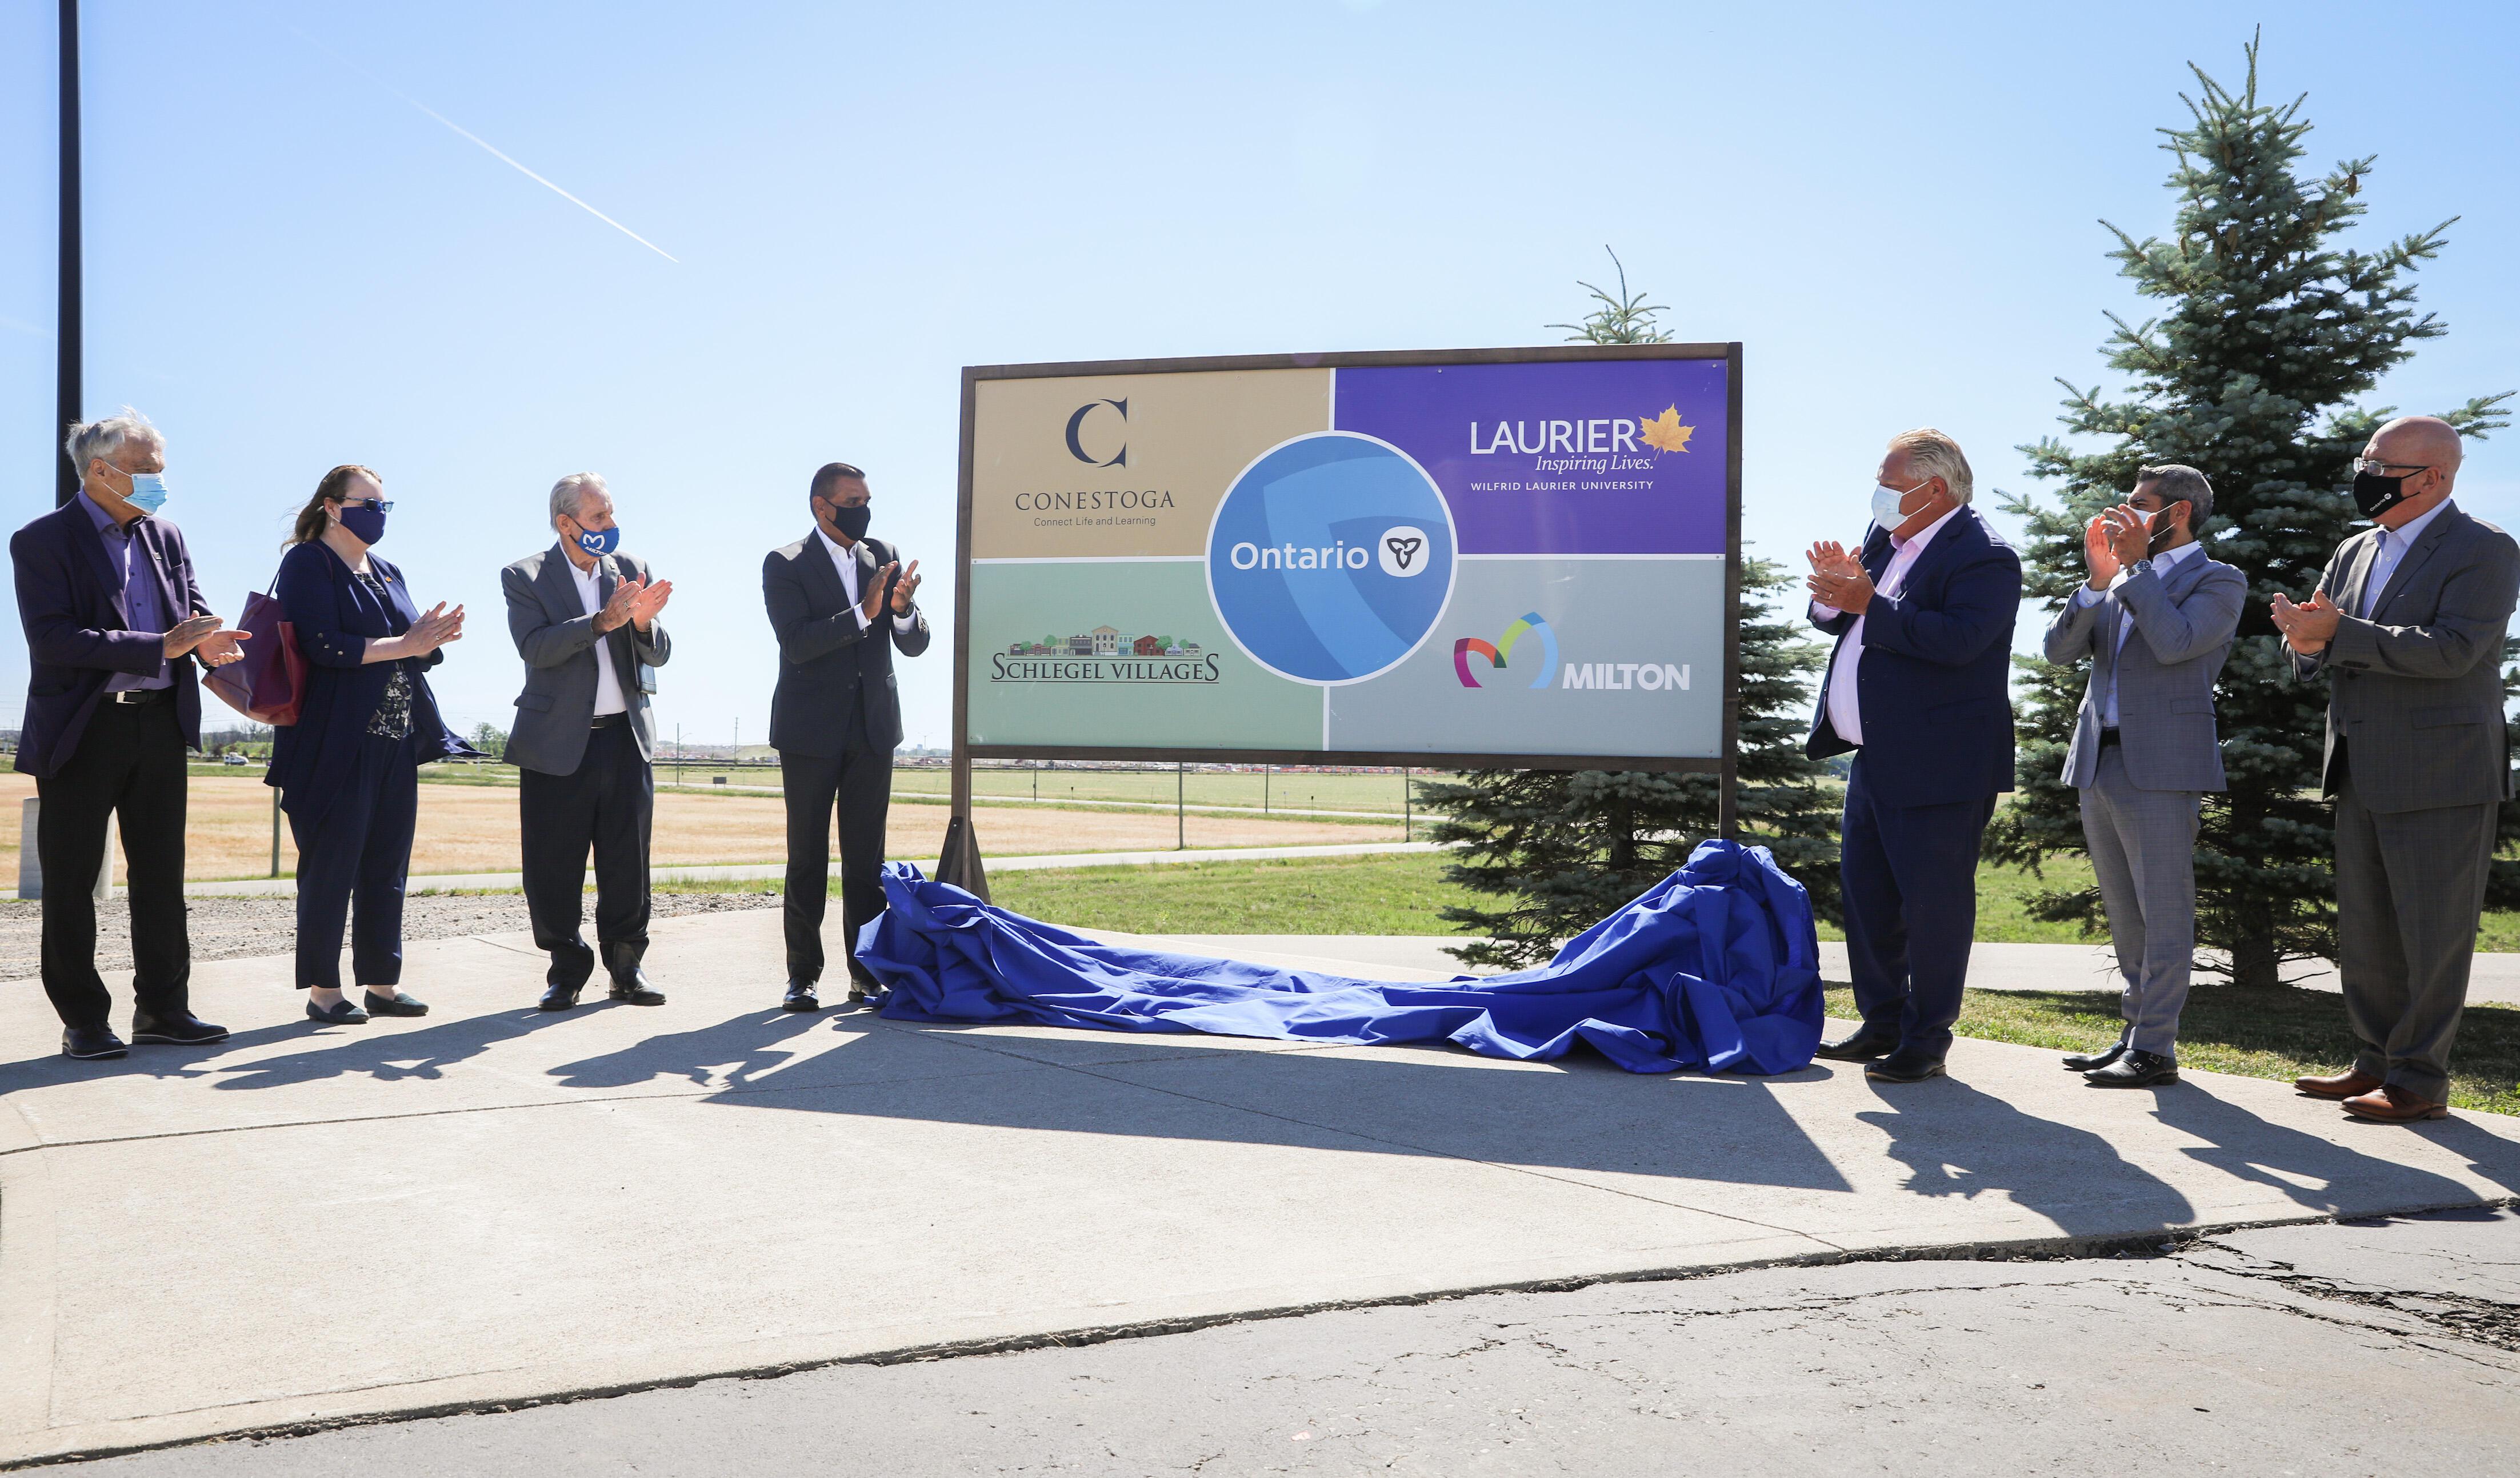 Conestoga College_Milton campus announcement.JPG